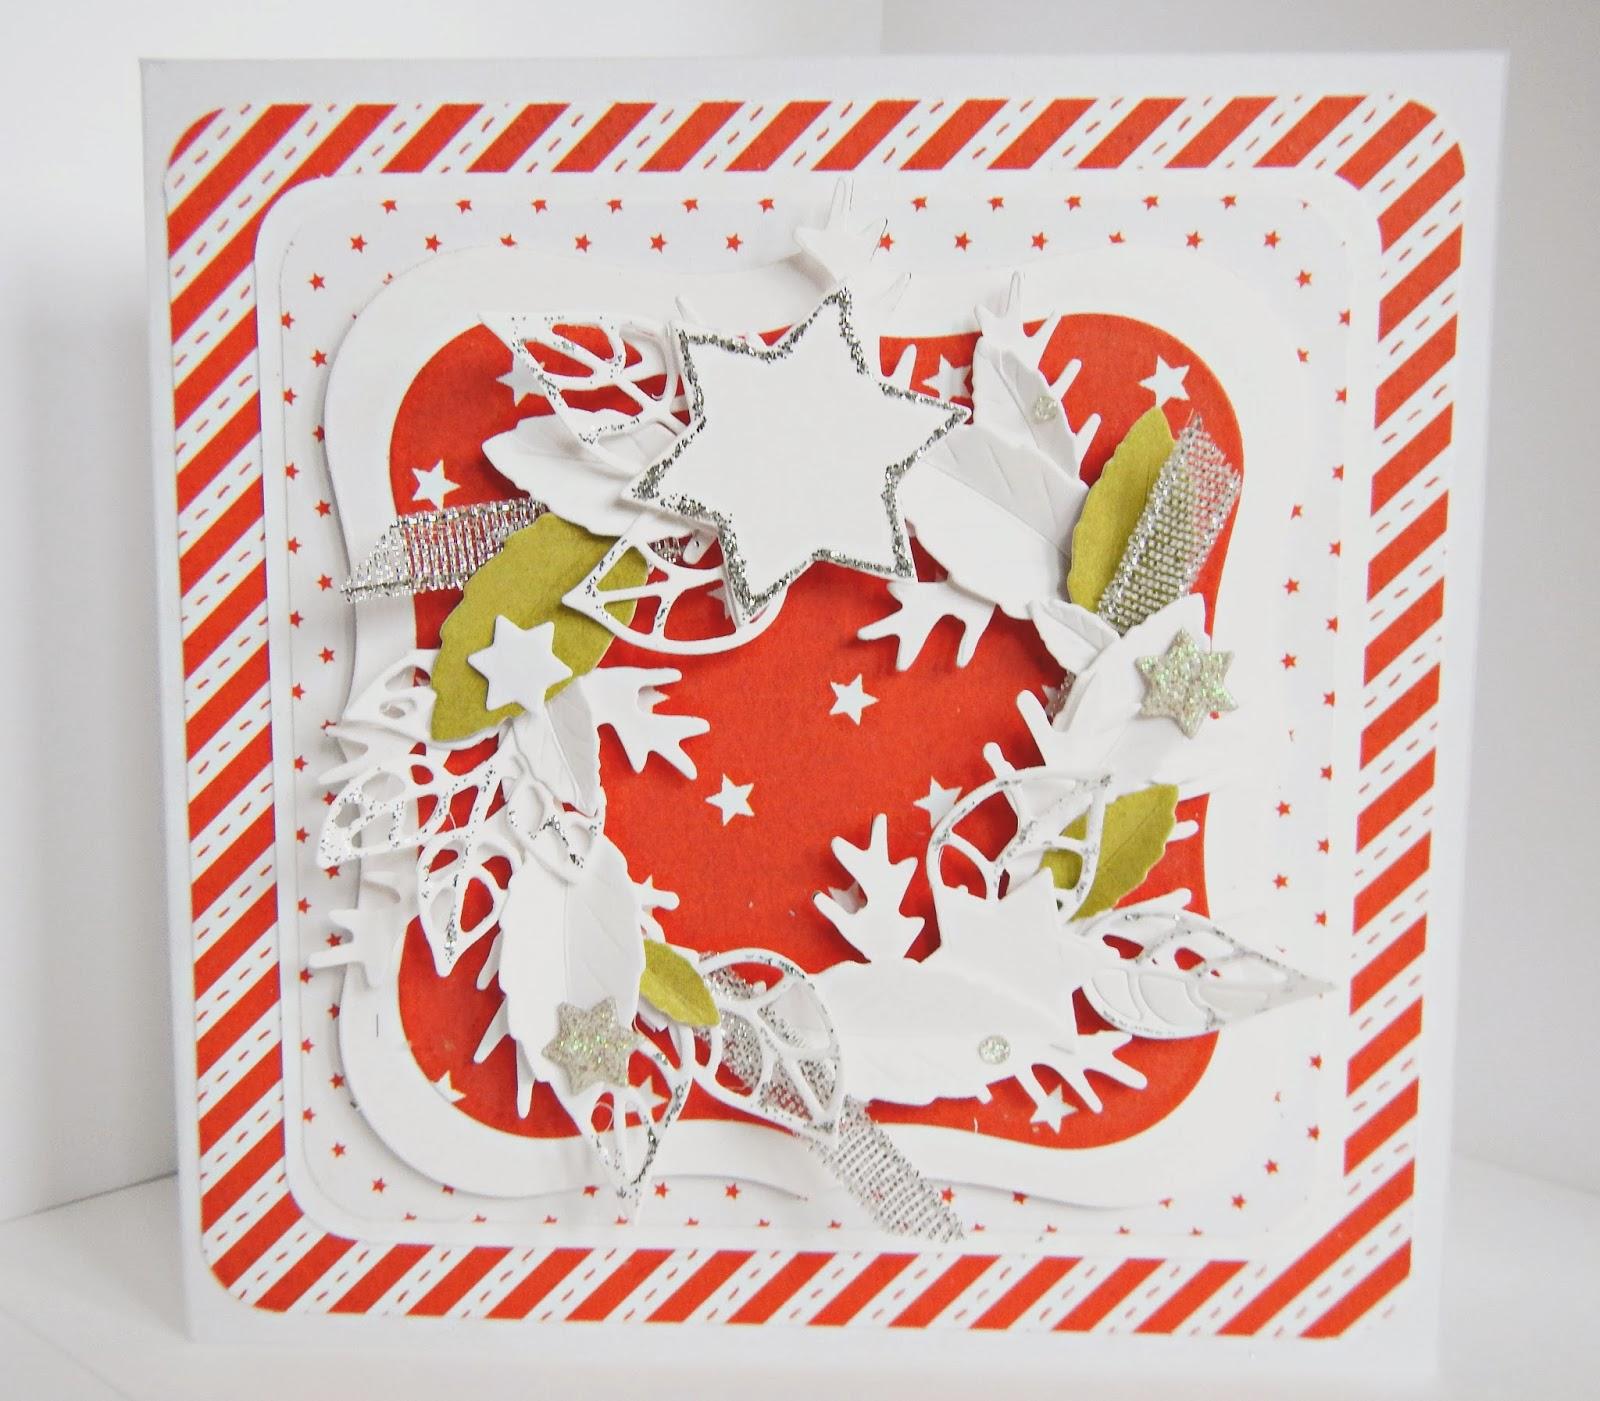 Bożonarodzeniowa kartka w czerwieni